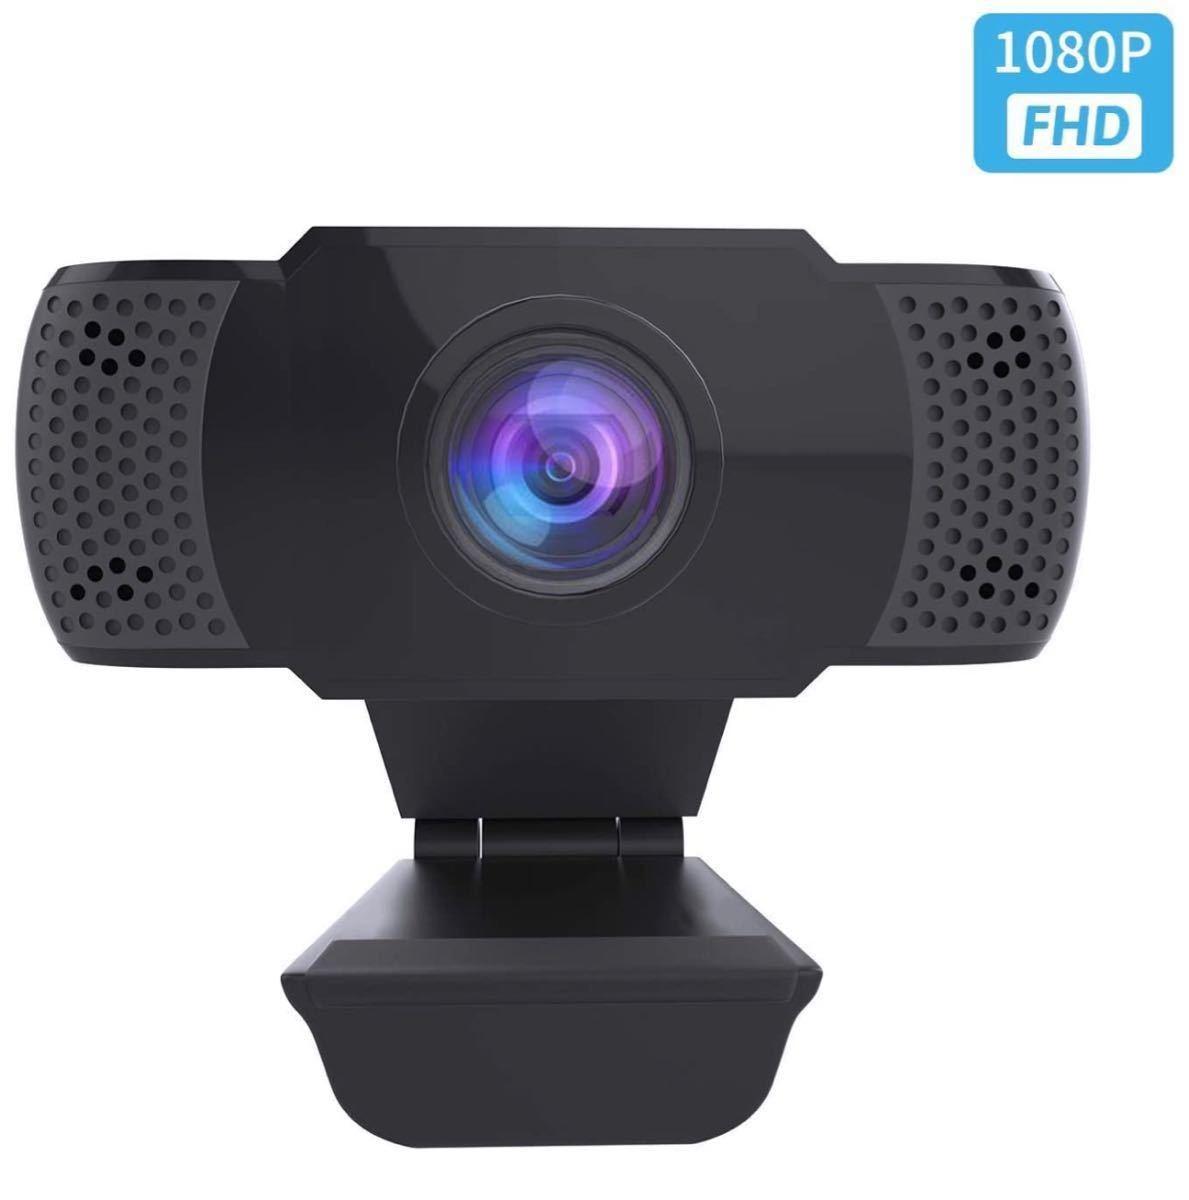 ウェブカメラ 1080PフルHD WEBカメラ USB/PC/パソコンカメラ テレワーク USBカメラ